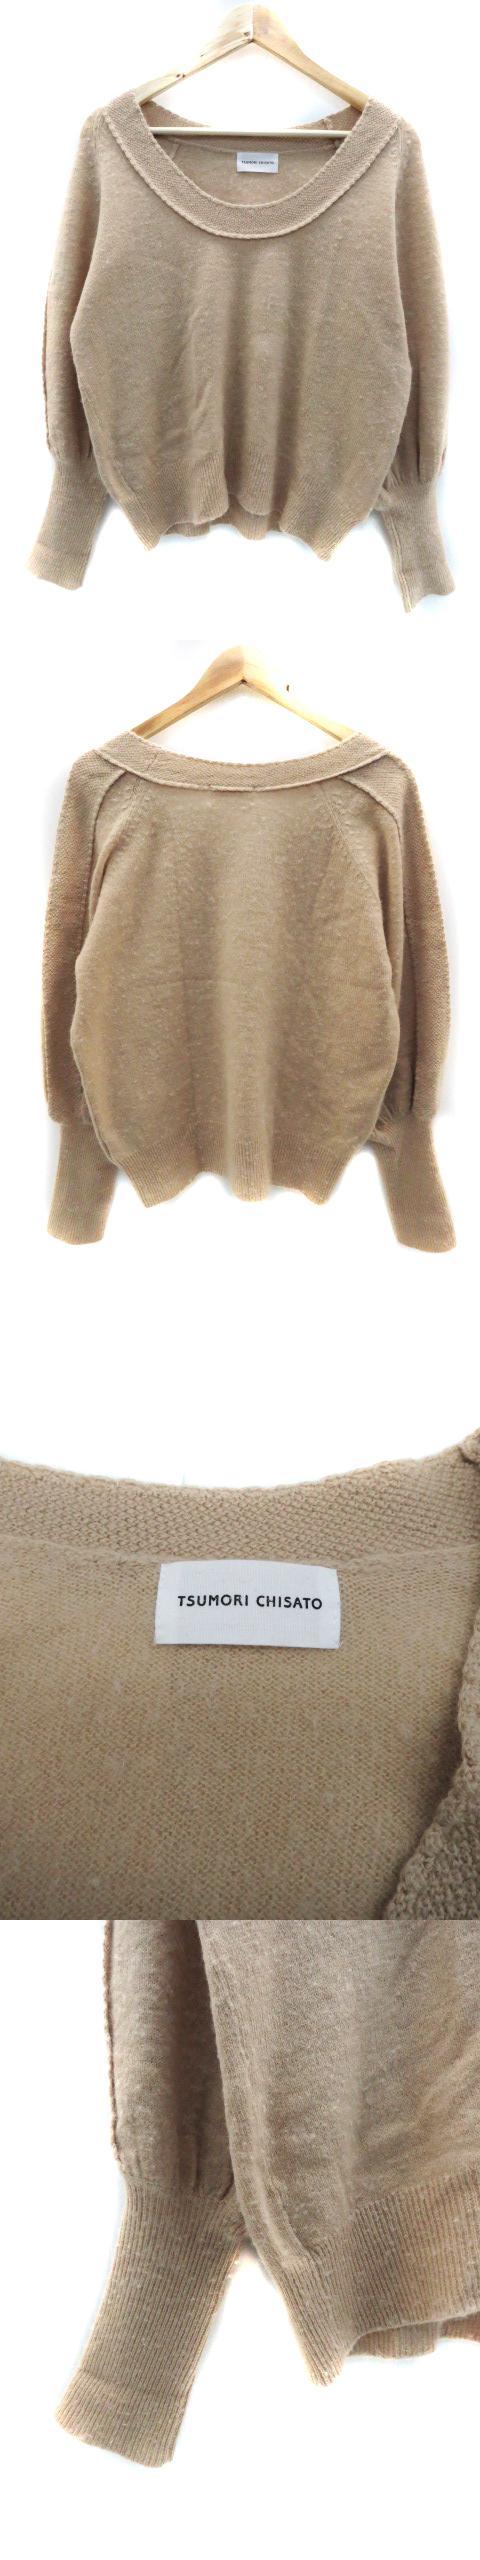 ニット セーター 長袖 ラウンドネック バルーン袖 ウール オーバーサイズ 2 ベージュ /NS38